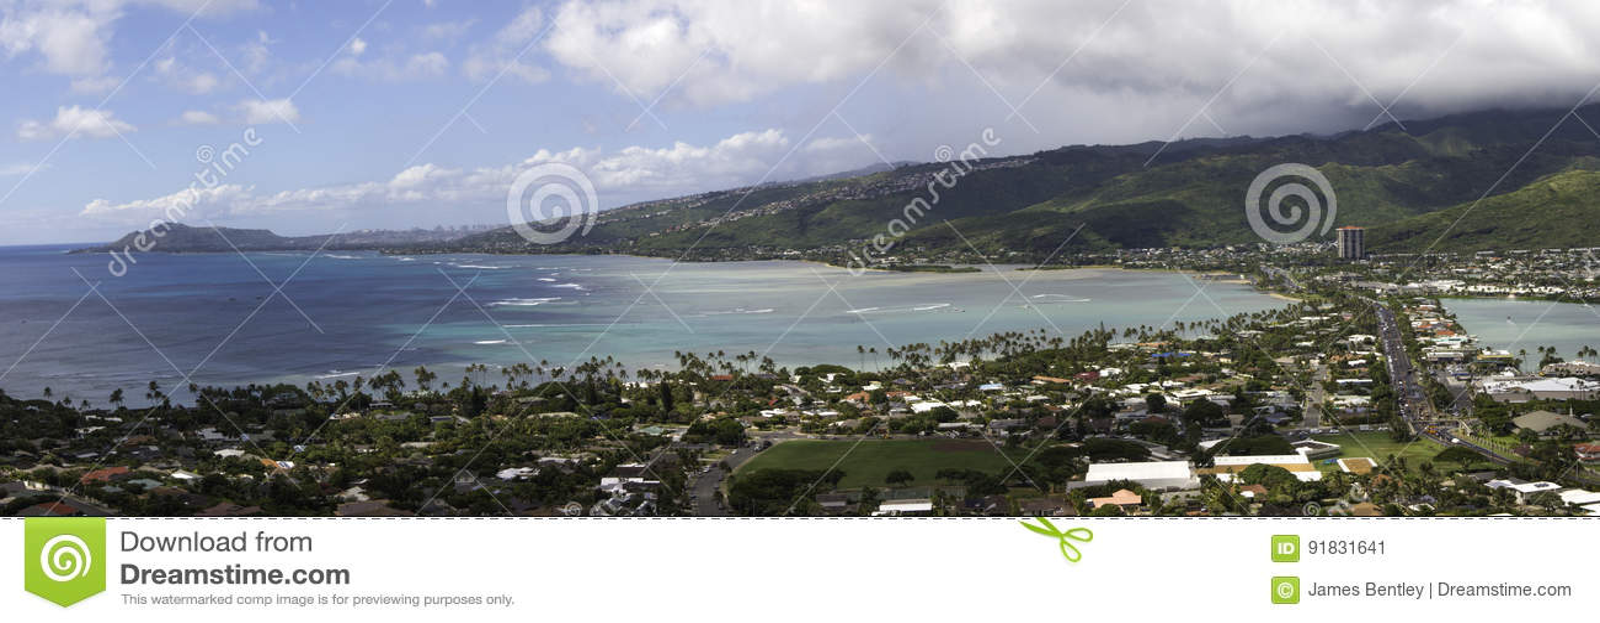 Hawaii Kai en Oahu Hawaii